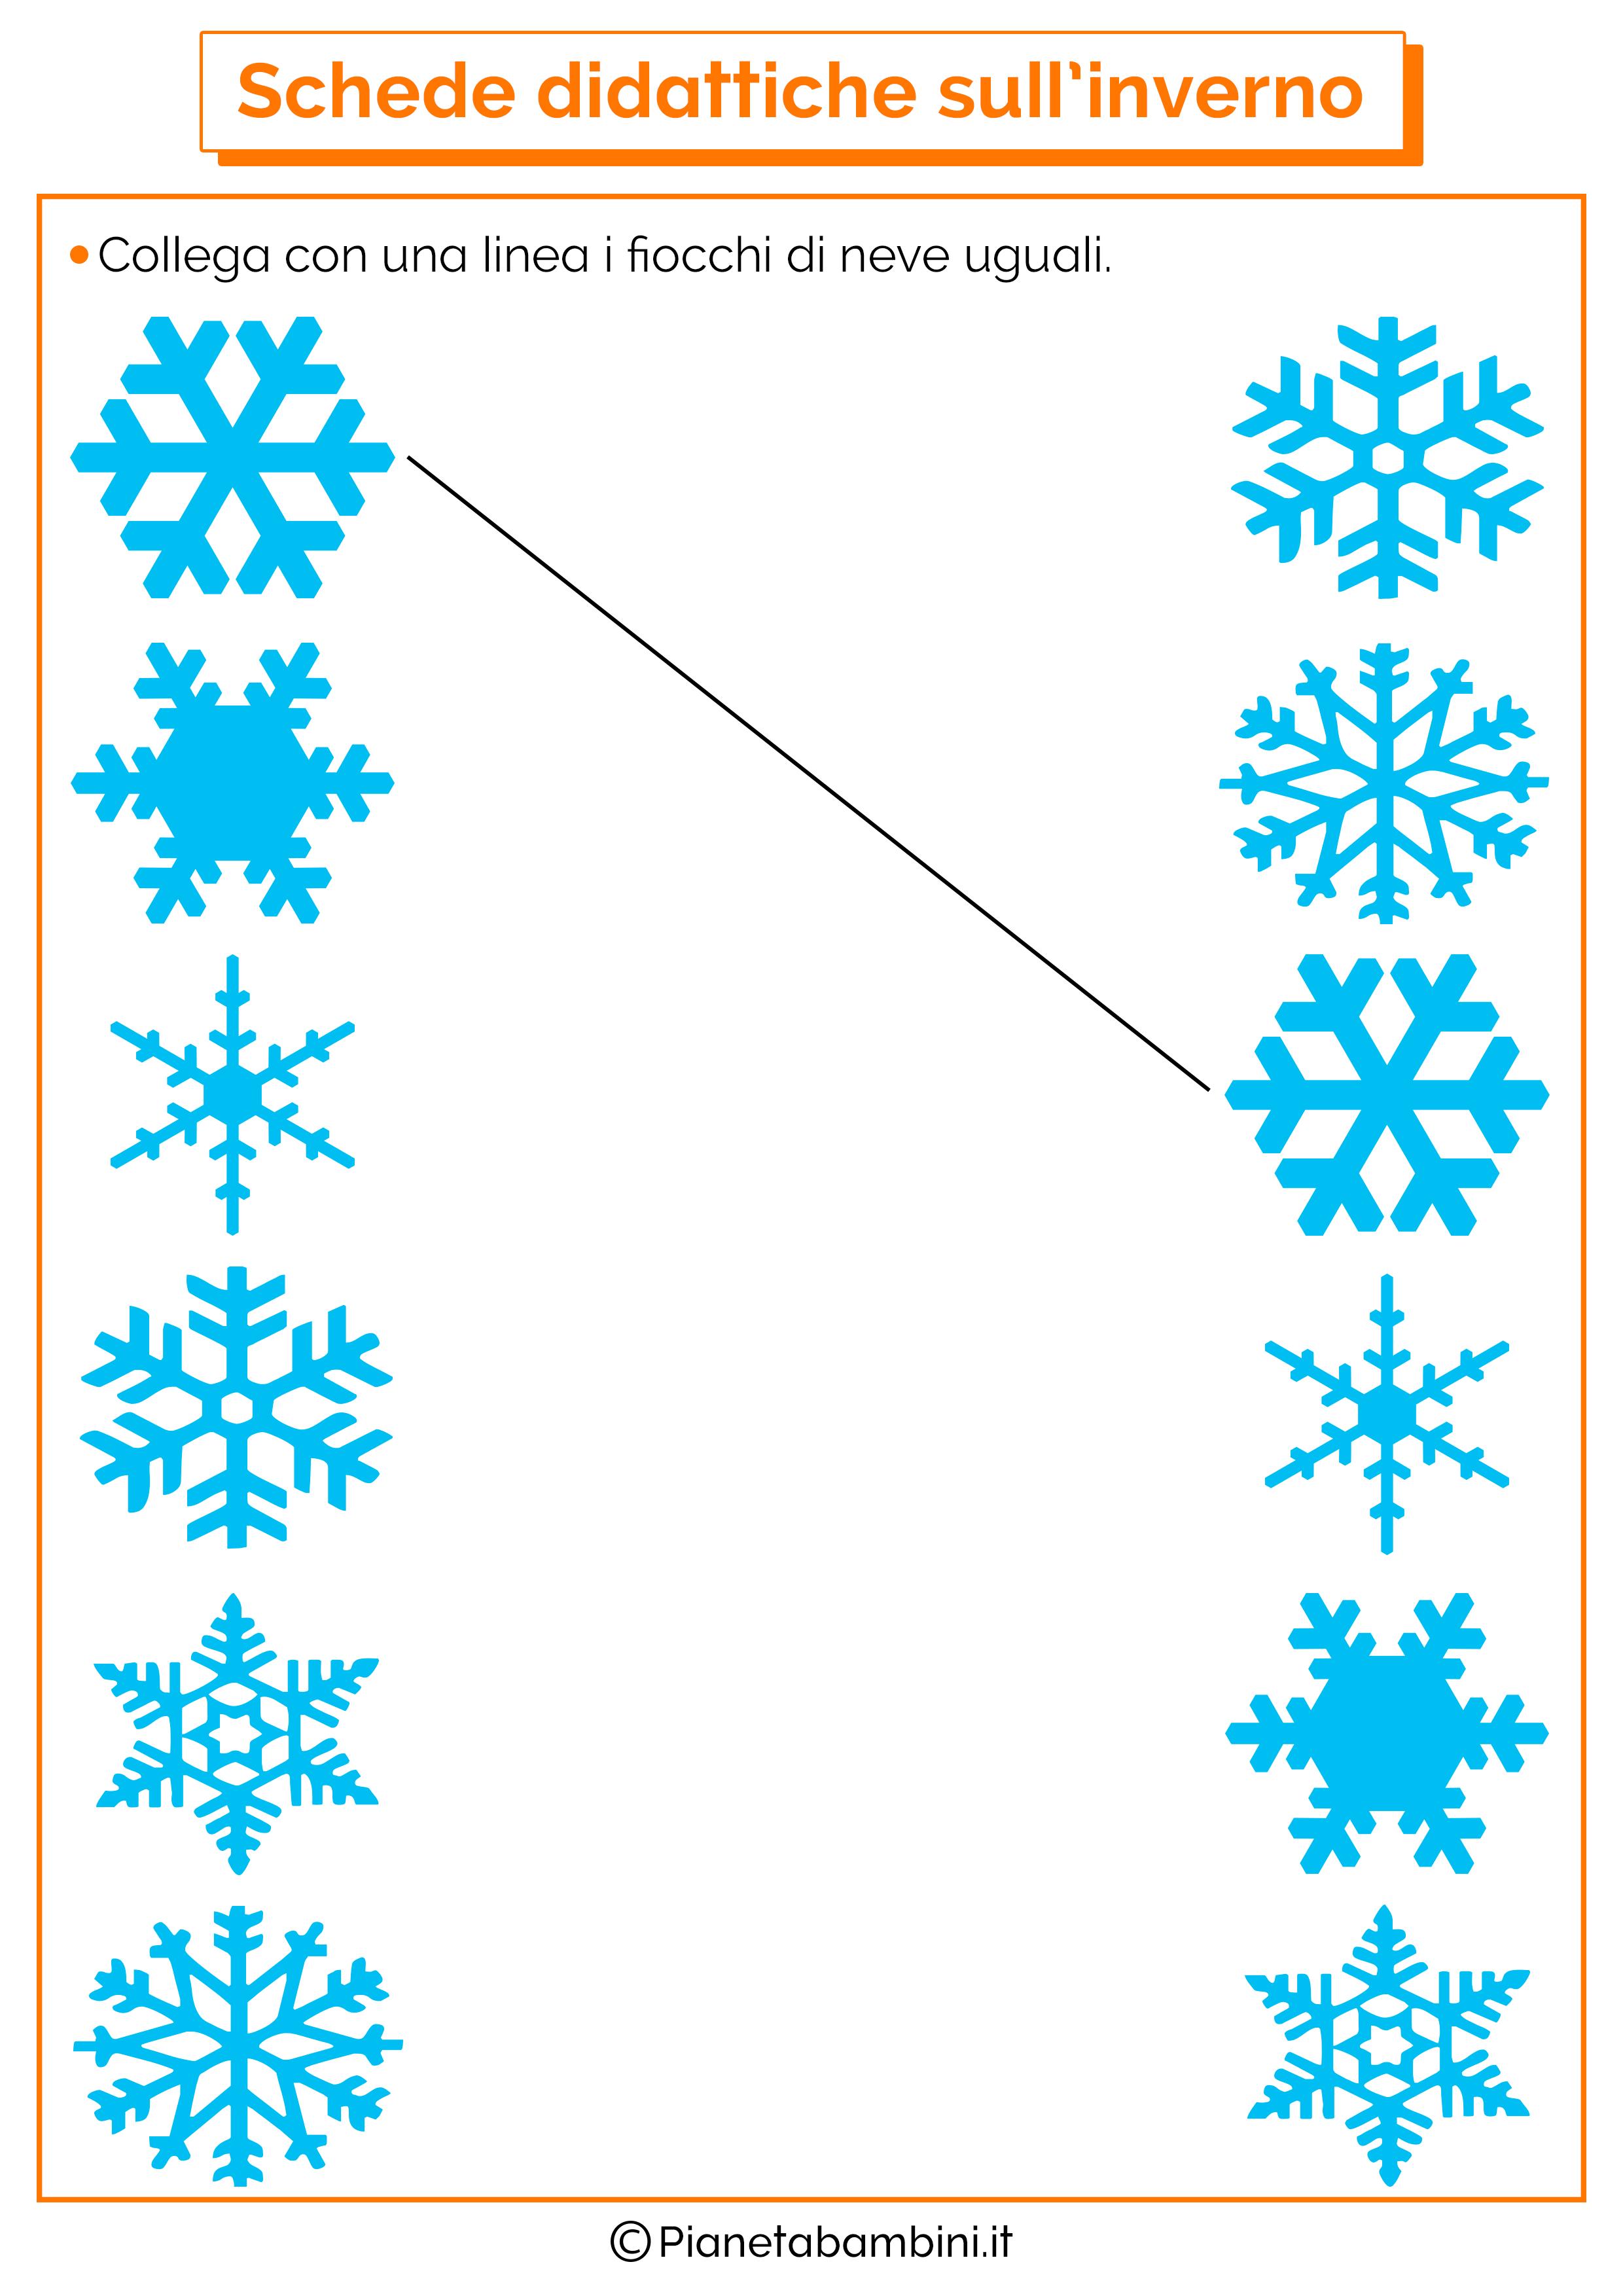 Schede Didattiche Sull Inverno Per La Scuola Dell Infanzia